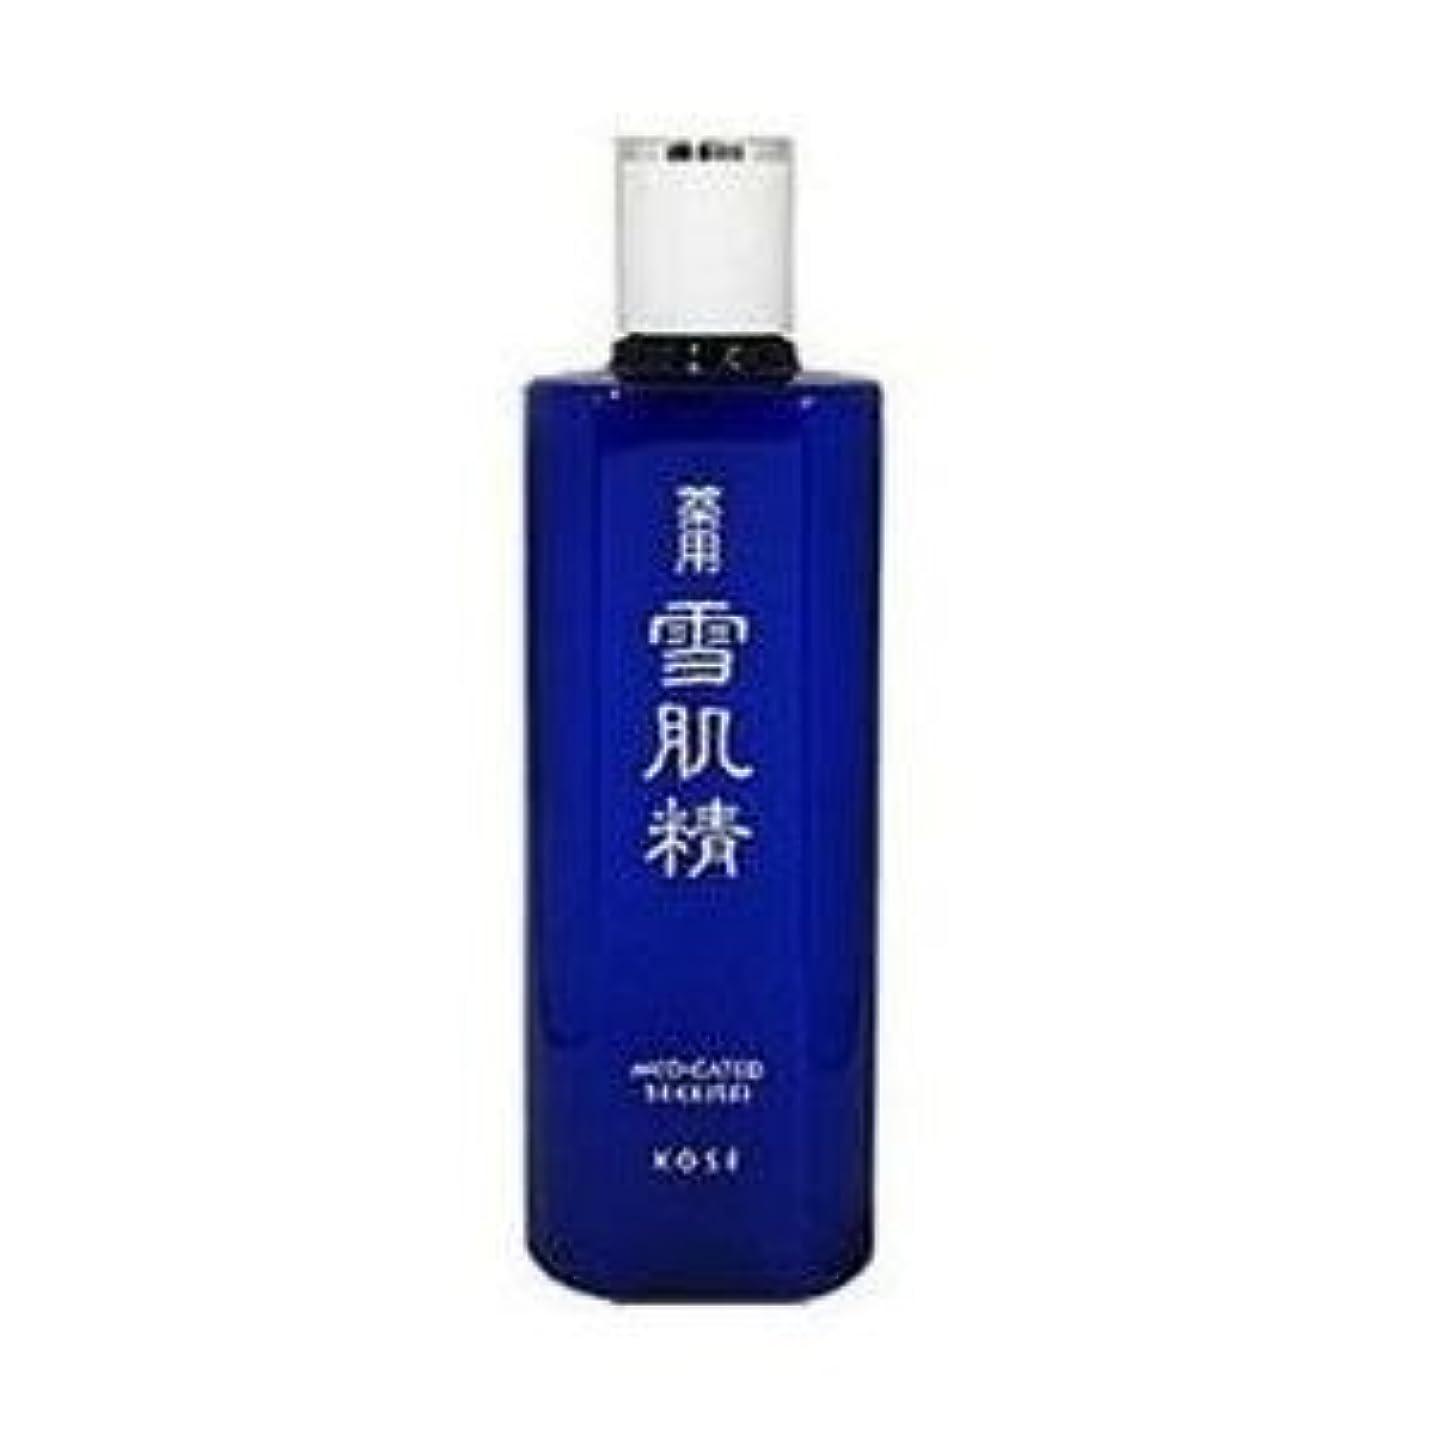 閉じるプレビュー原点KOSE コーセー 薬用 雪肌精 化粧水 360ml【重量447g】